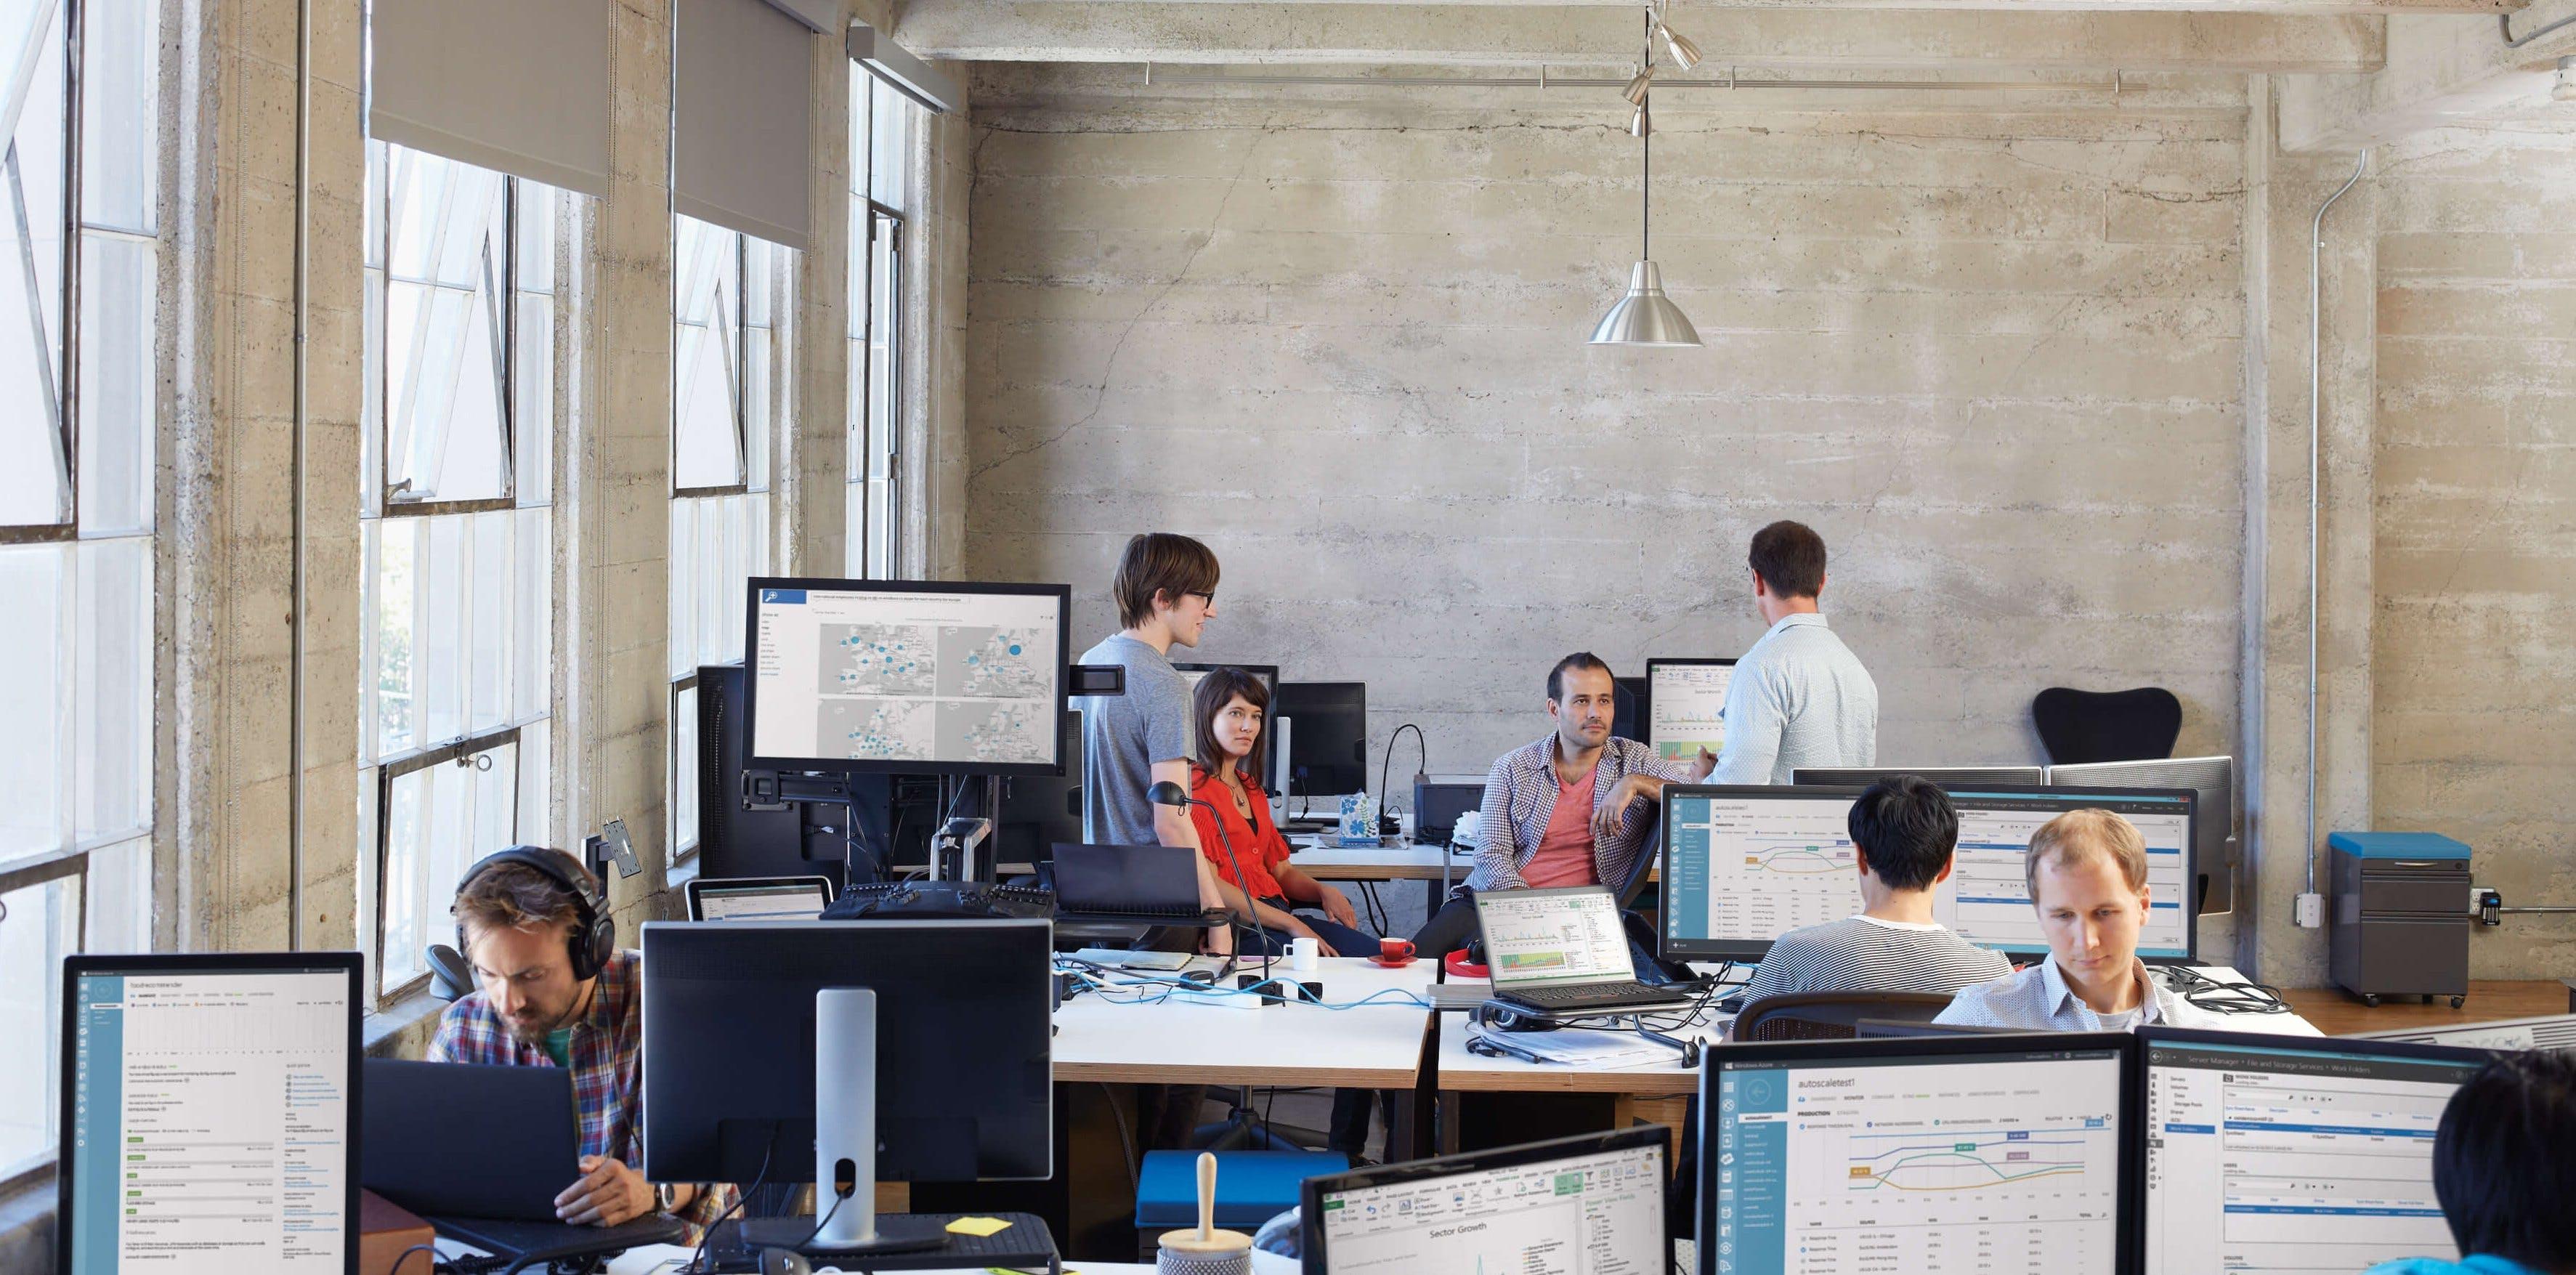 Titelbild-Office-Start-up-Industriehalle-Meeting-Coworking-iStock-1507115119561